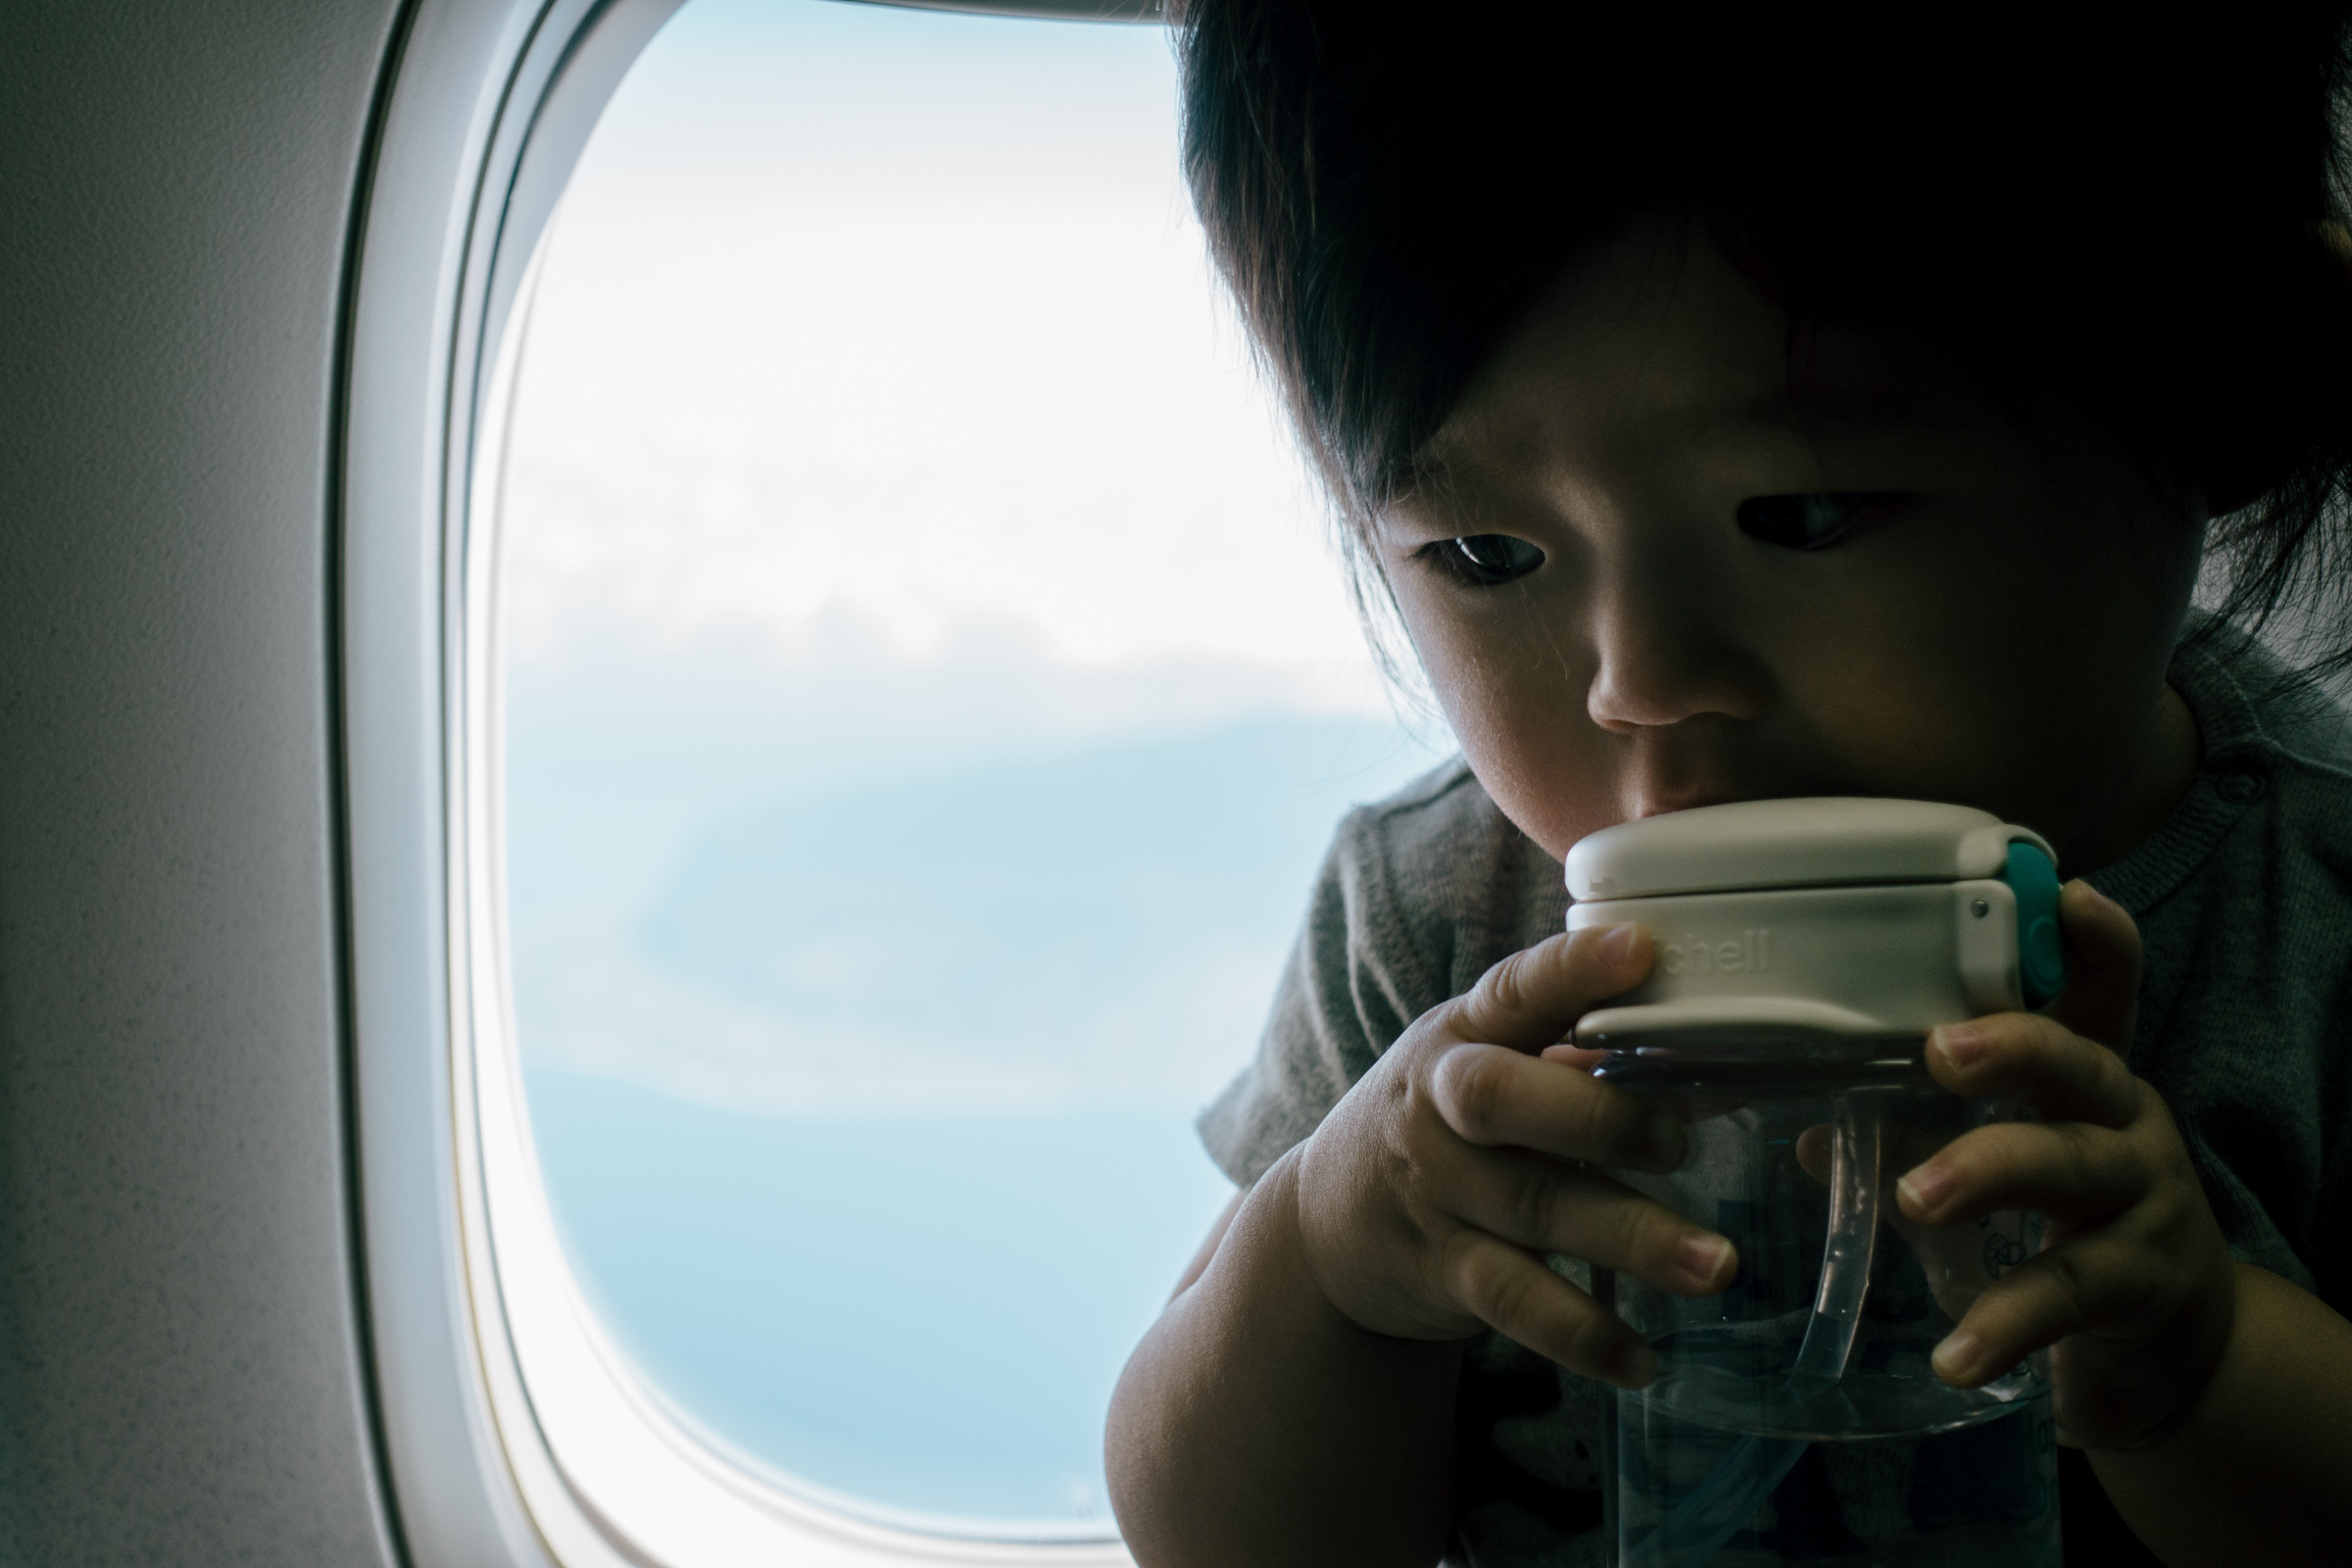 飛行機内での娘